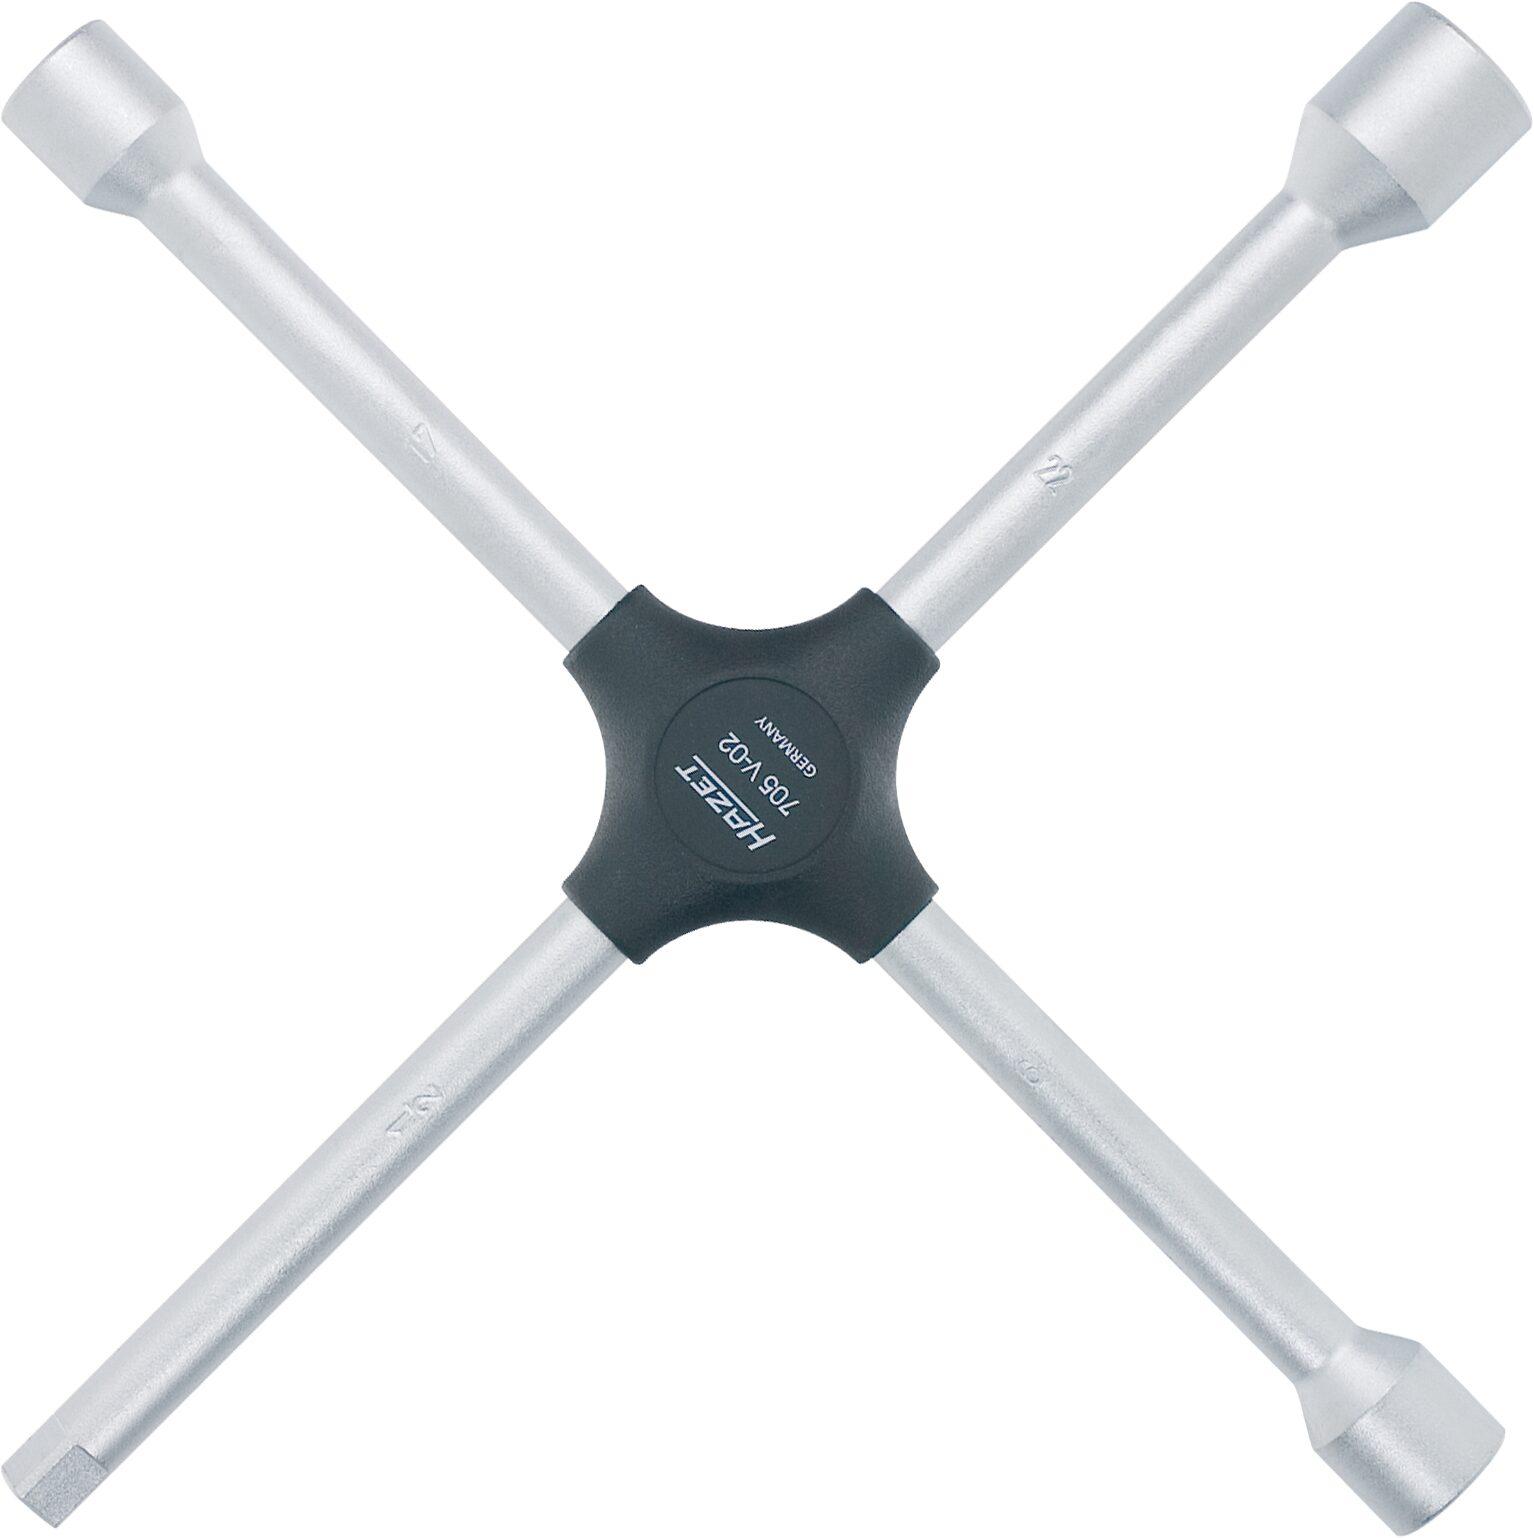 HAZET Kreuzschlüssel 705V-02 ∙ Außen-Sechskant Profil ∙ 17x19x22xAußenvierkant Antrieb 12,5 = 1/2 Zoll mm